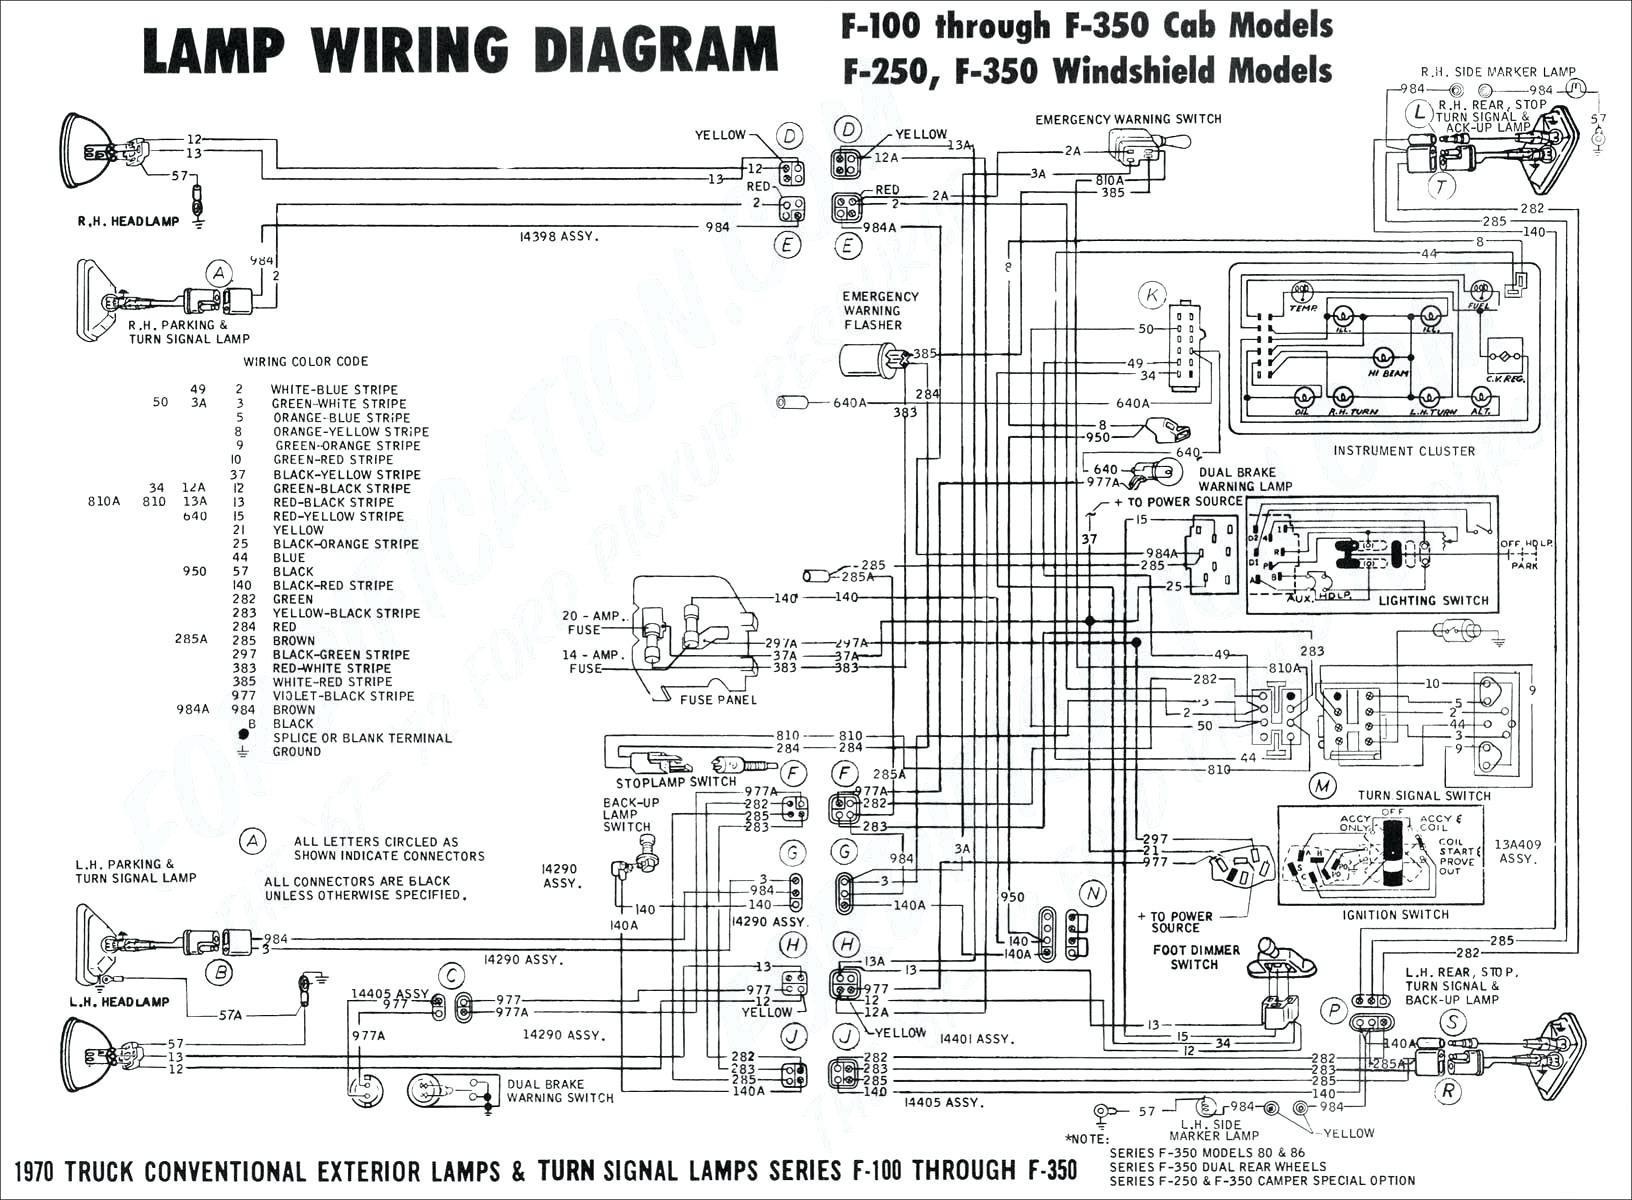 John Deere 4020 Wiring Schematics Pumptrol Wiring